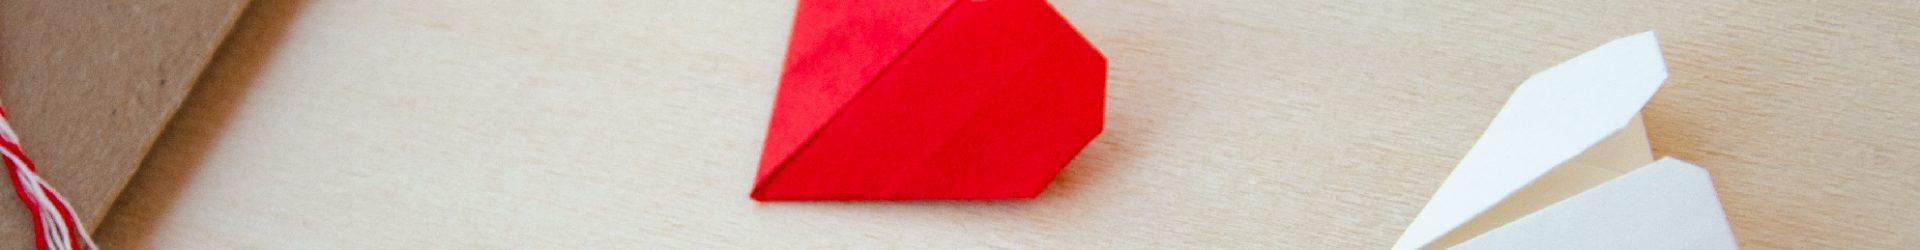 Suite grafica Il filo rosso